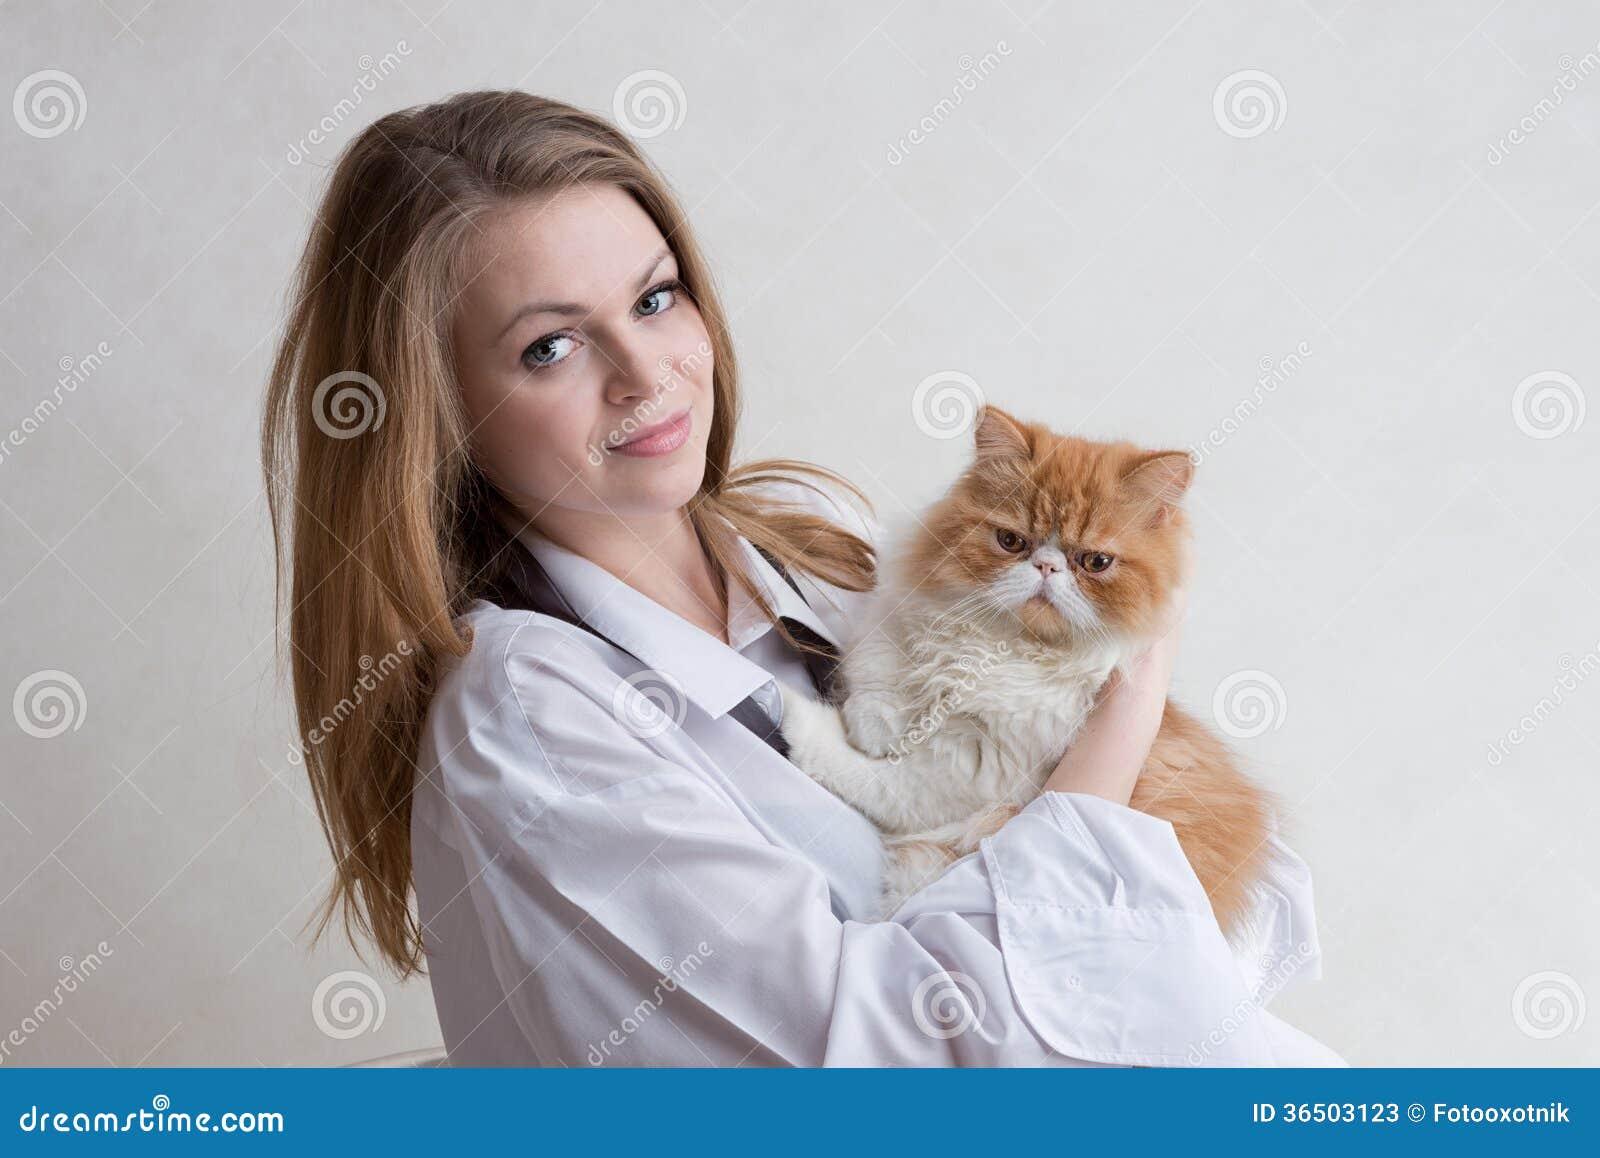 Девушка с котом в руках картинки